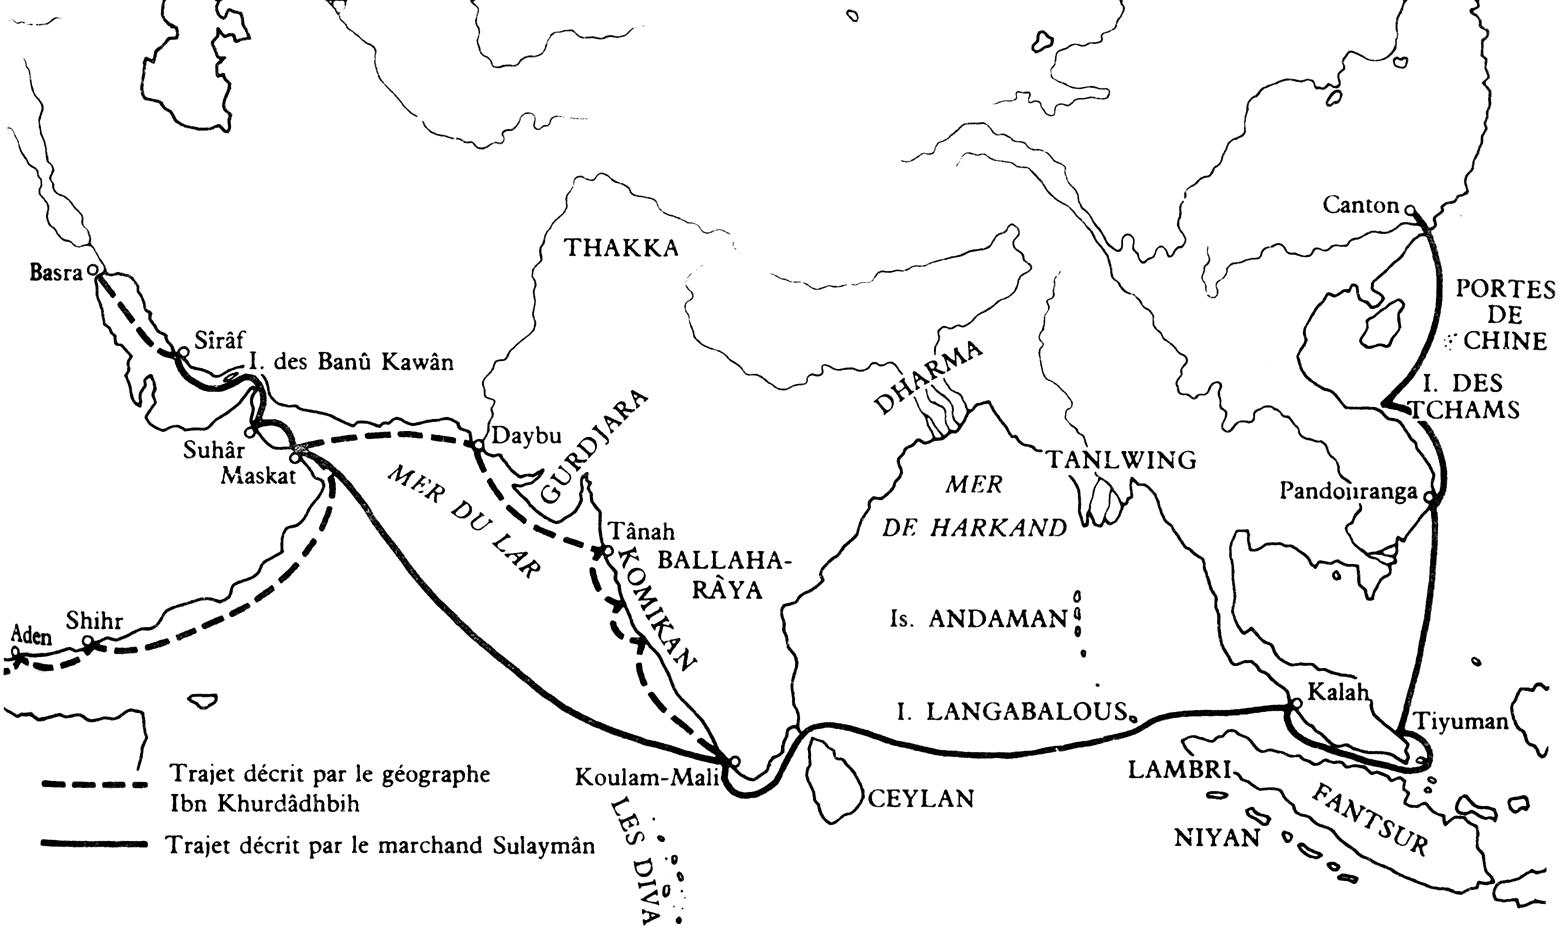 Carte Orient Extreme Avec L'extrême-orient au